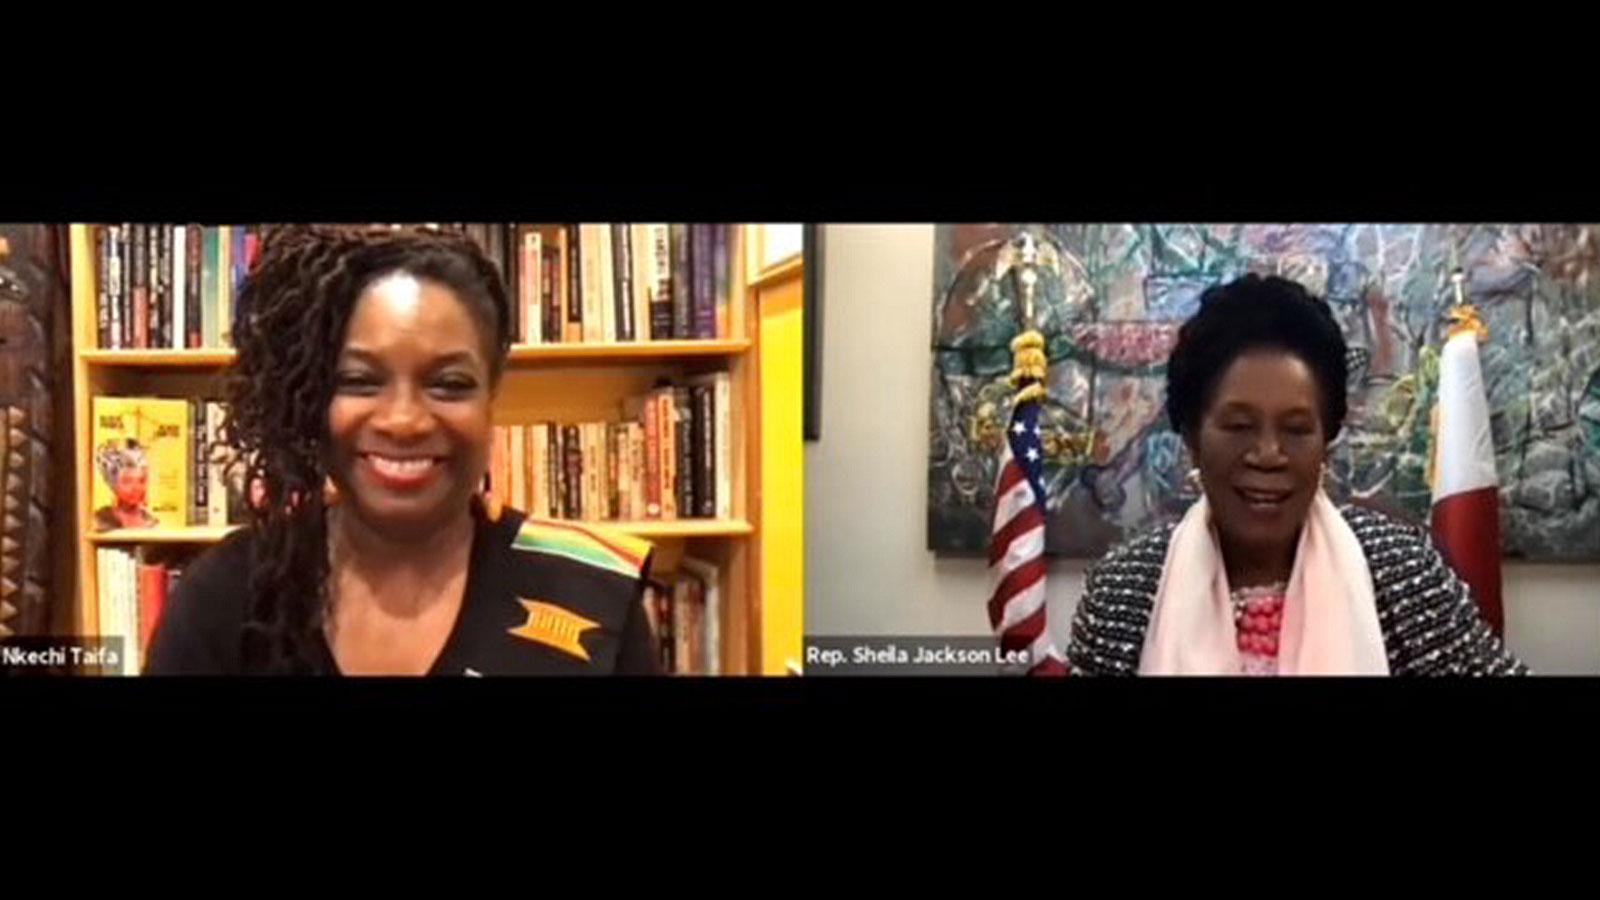 U.S. Rep. Sheila Jackson Lee and Nkechi Taifa